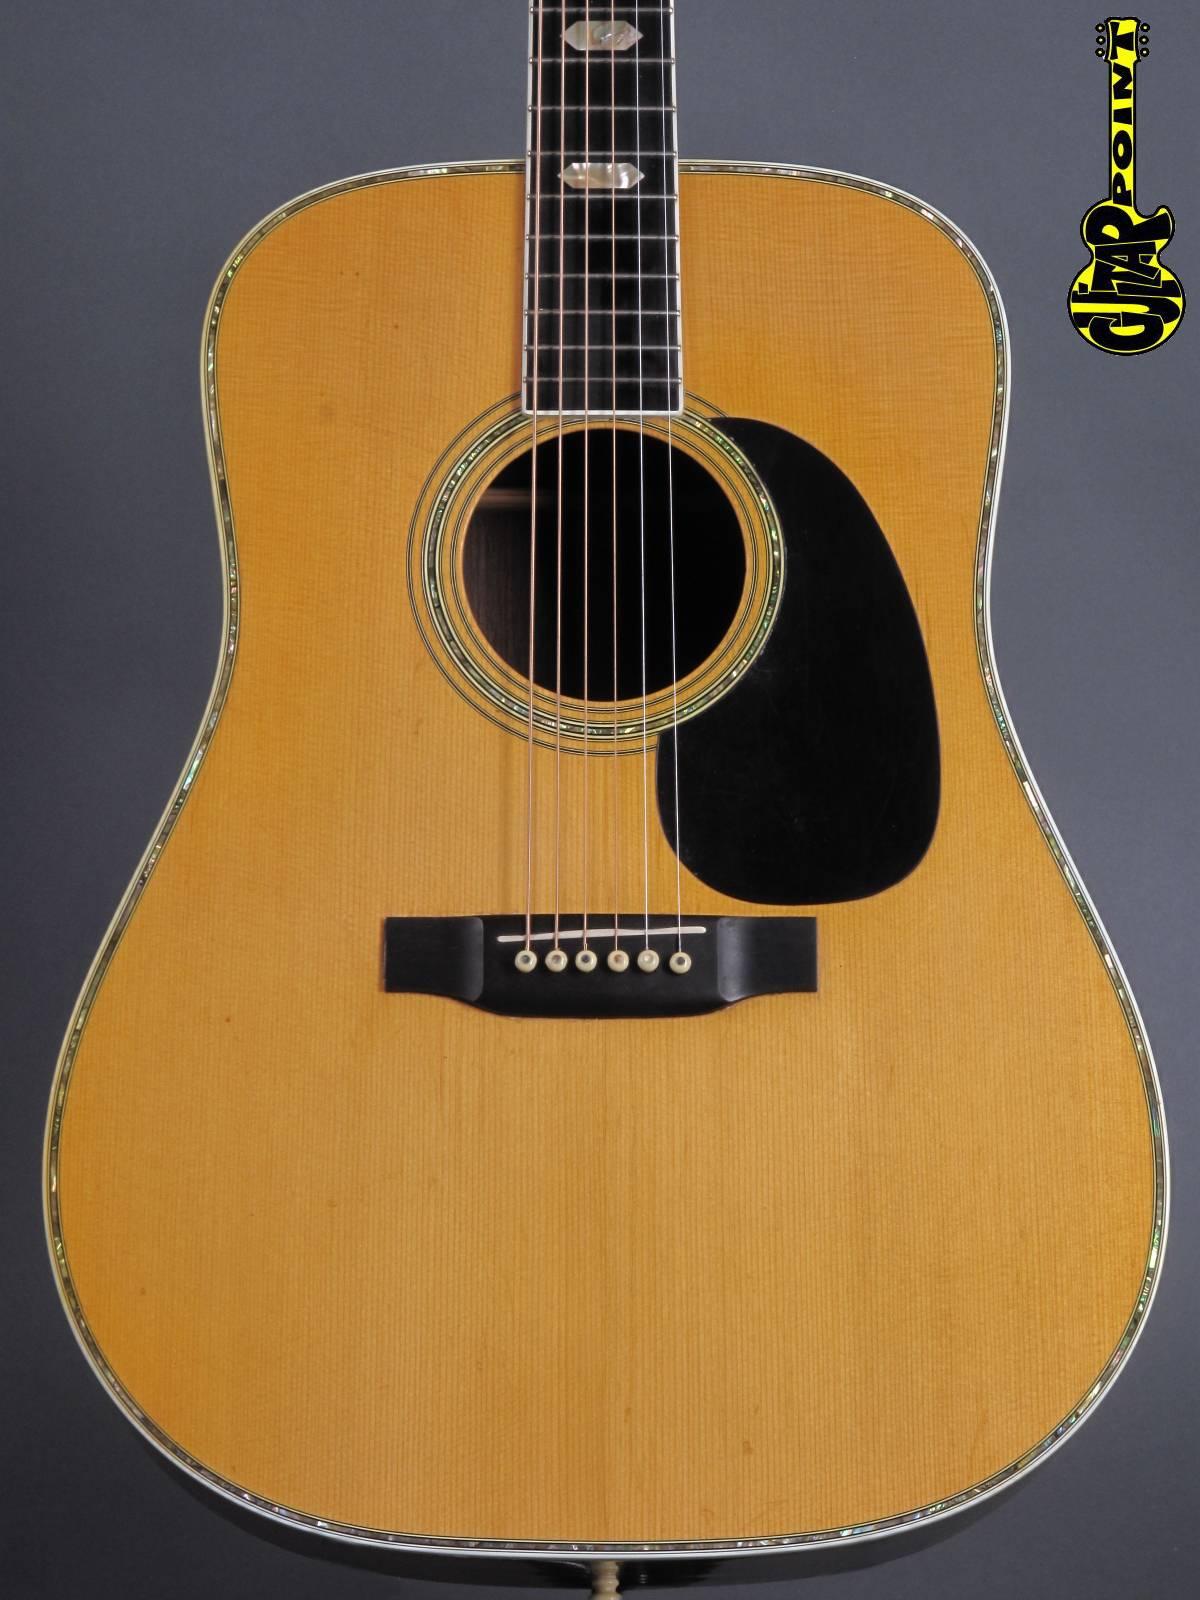 1973 Martin D-41 - Natural